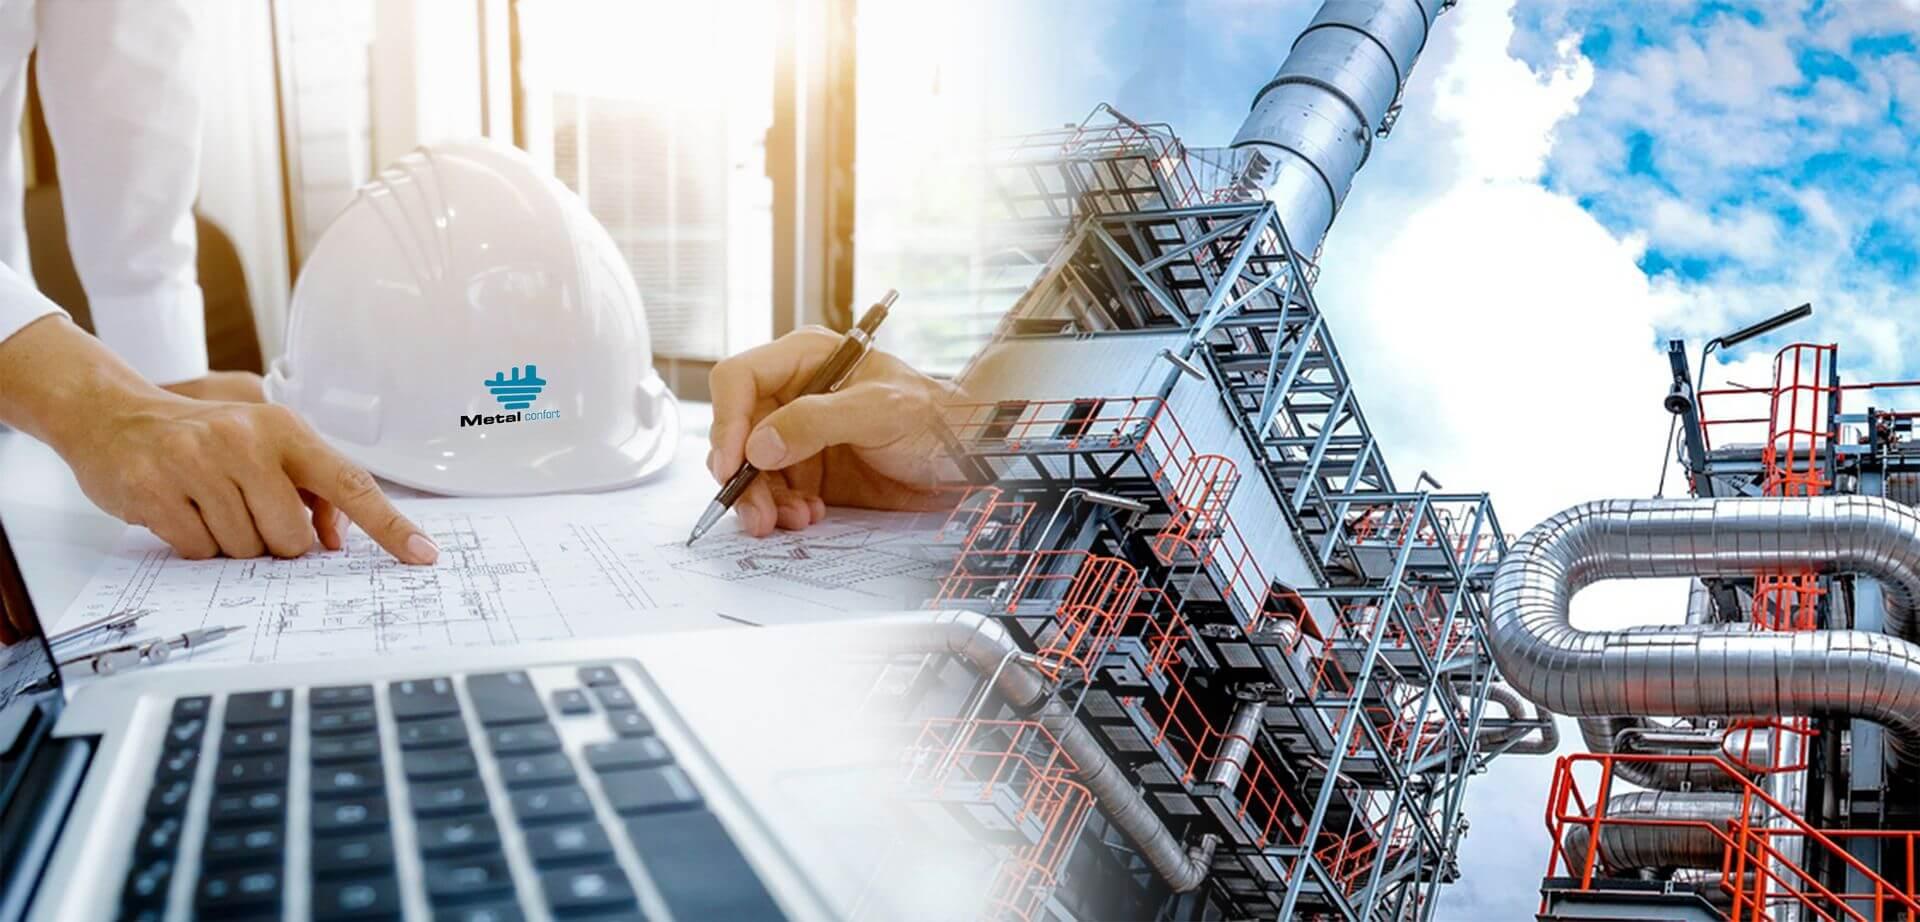 Desarrollo, fabricación y montaje de equipos mecánicos para la industria